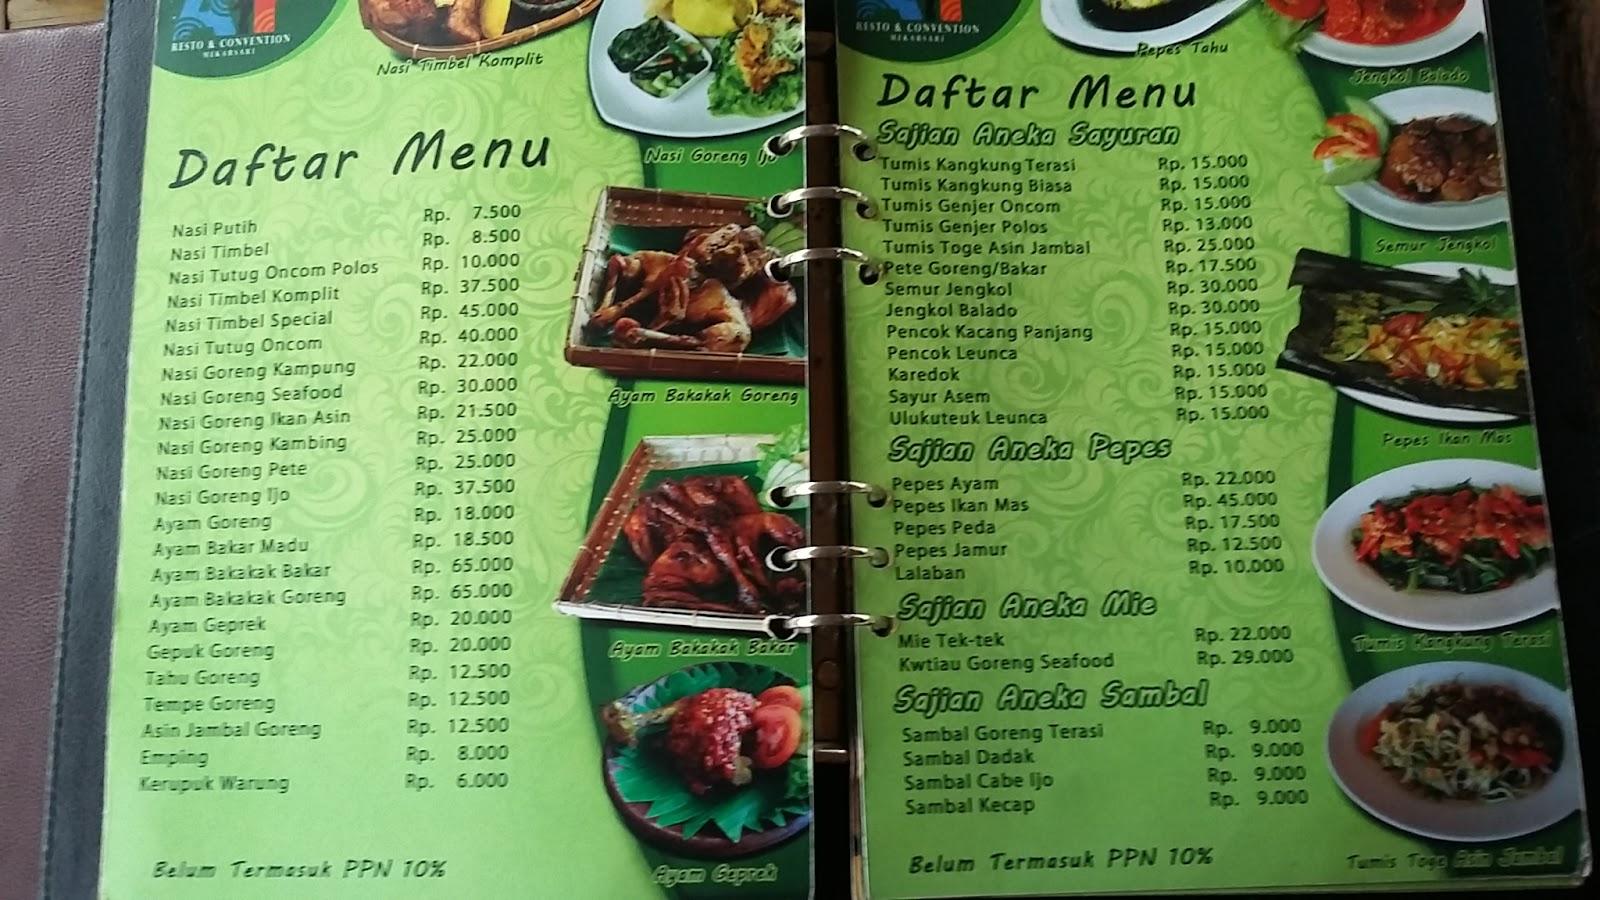 Chit Chat Citra Makan Saung Rumah Air Resto Mekarsari Bogor